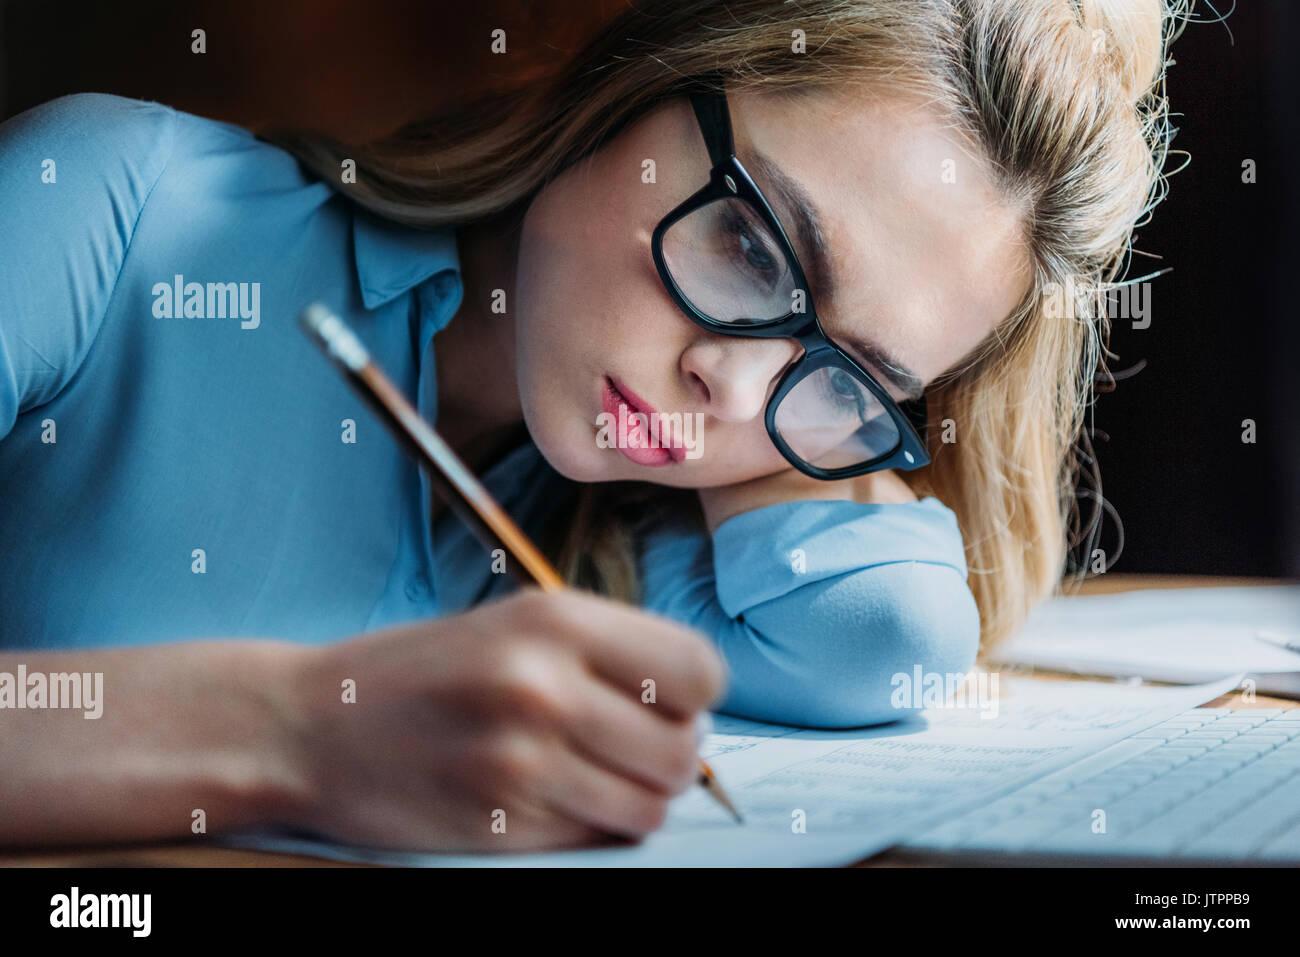 Müde blond kaukasischen Student in Brillen liegen auf der Hand und etwas Schreiben mit Bleistift, Studieren bis spät Stockbild